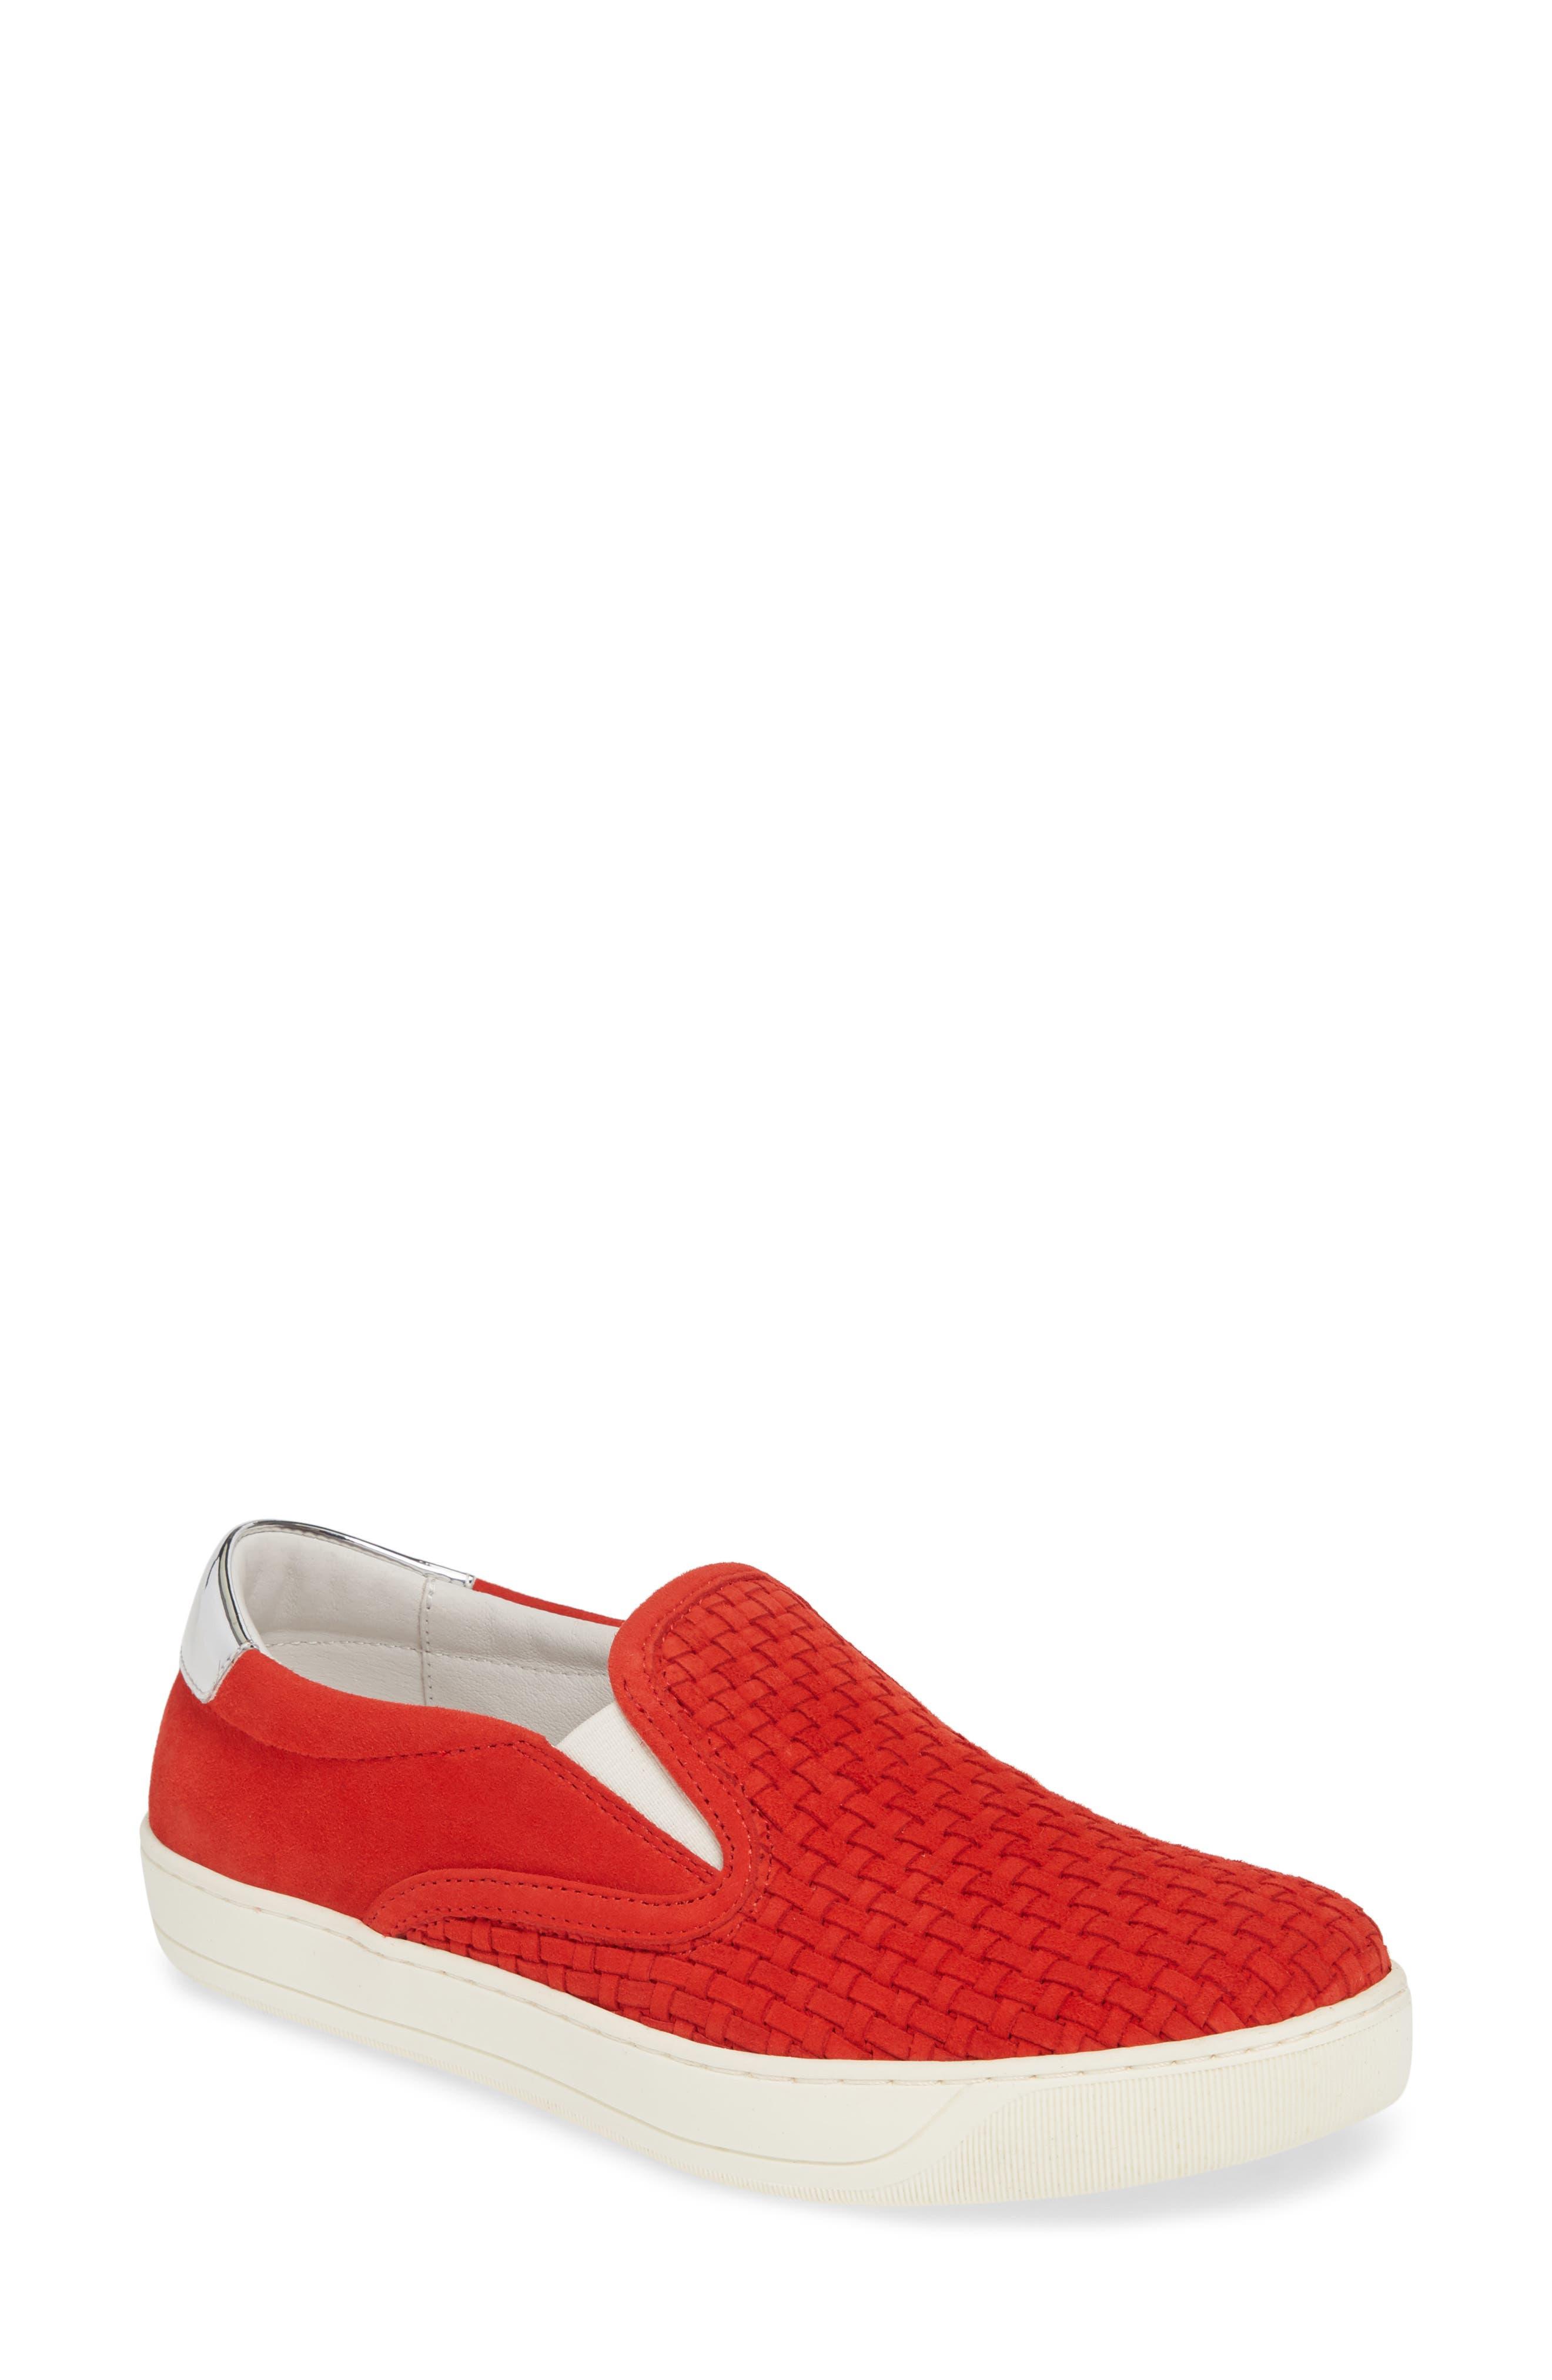 Johnston & Murphy Elaine Woven Slip-On Sneaker, Red